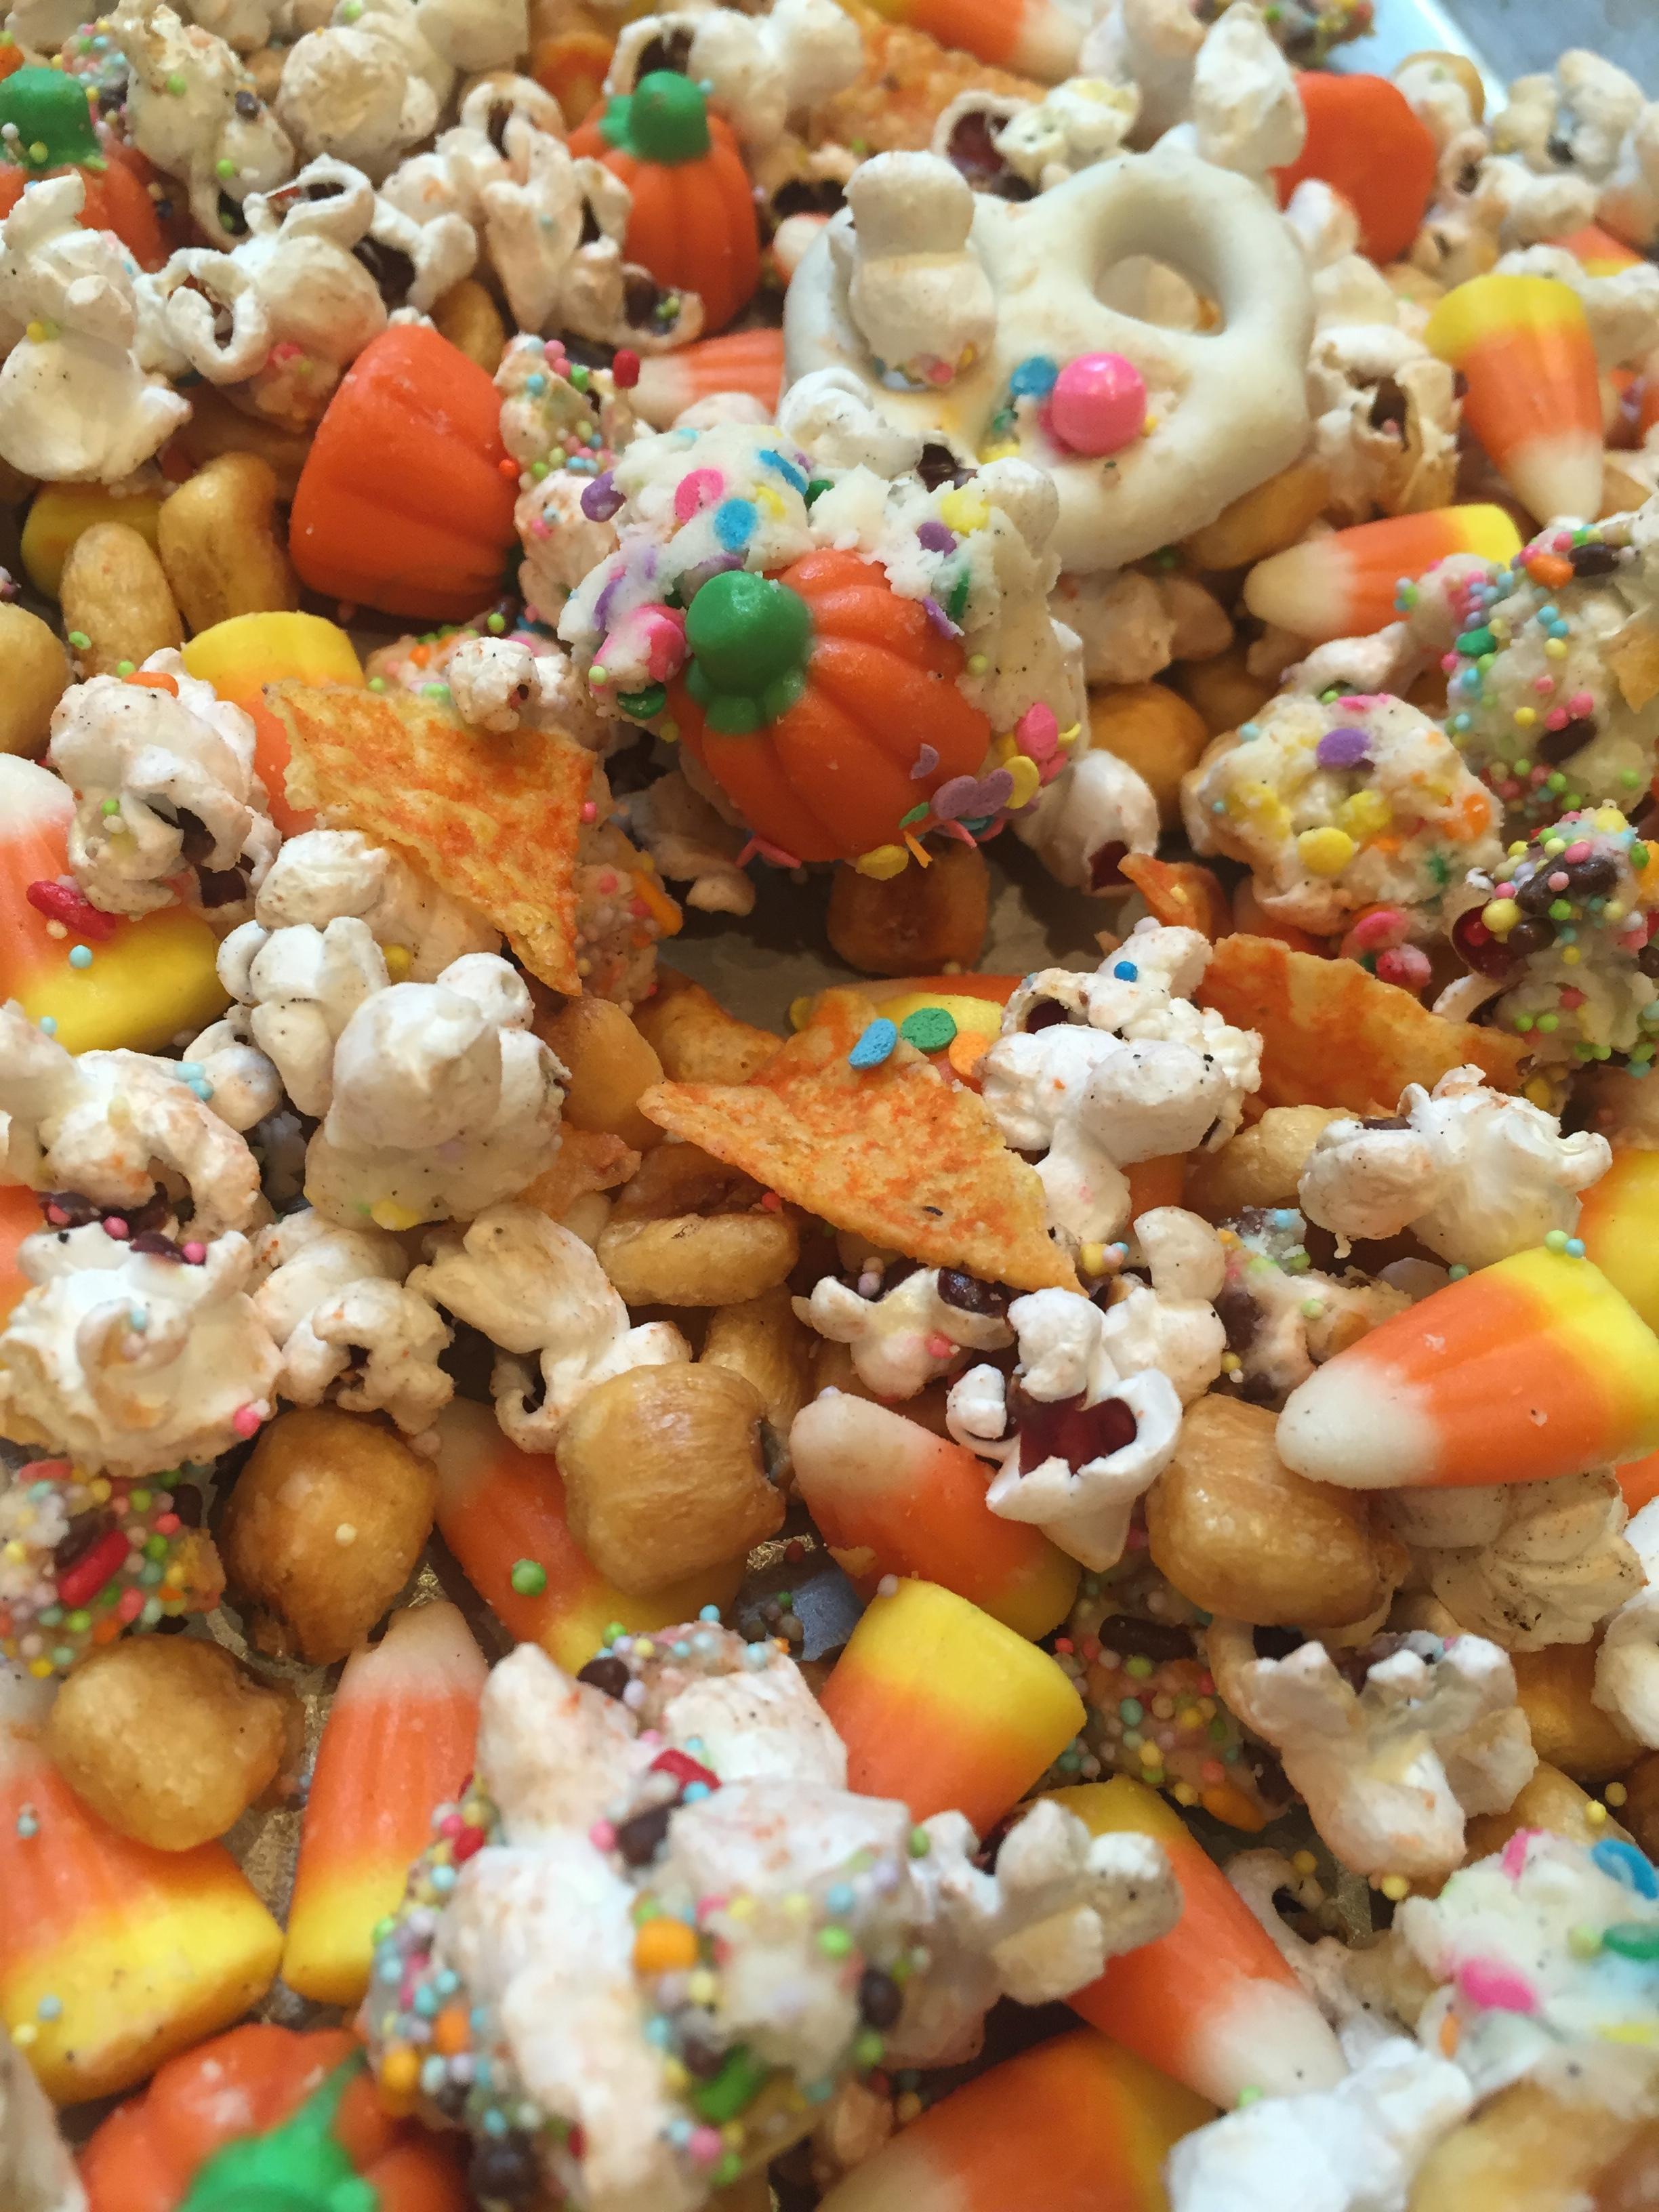 10-30_candy_corn3.JPG